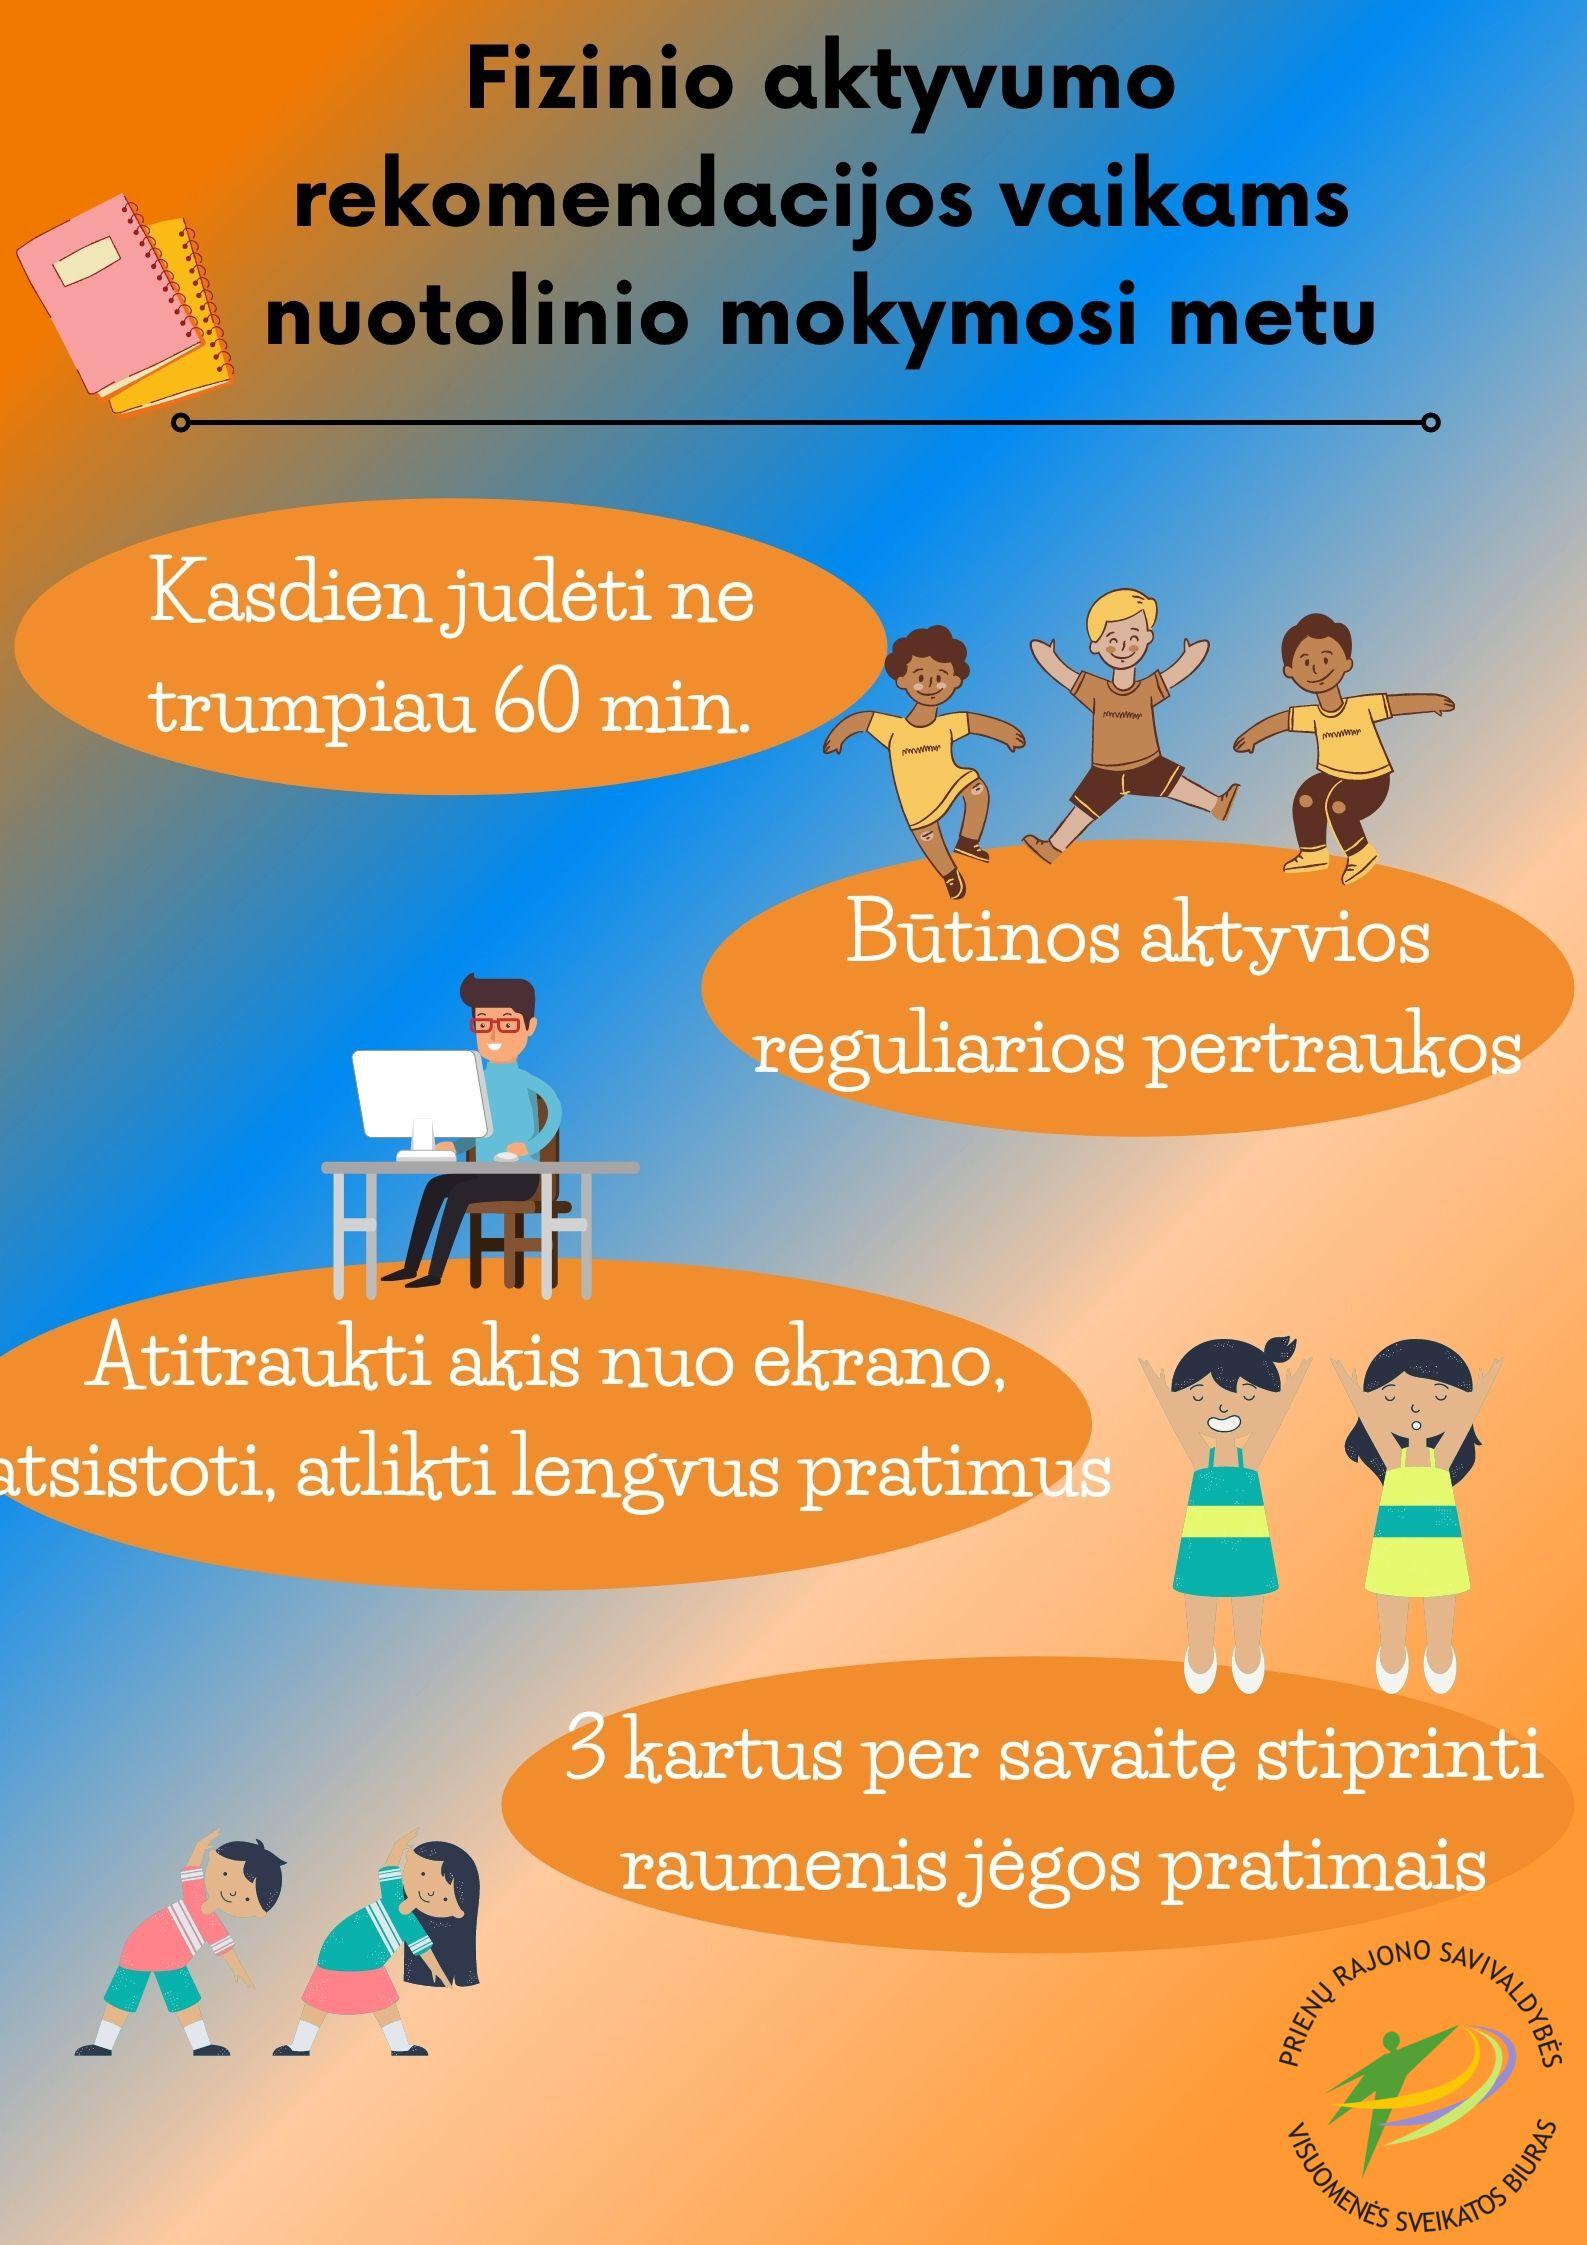 Mokinių fizinio aktyvumo poreikių patenkinimas nuotolinio mokymosi metu